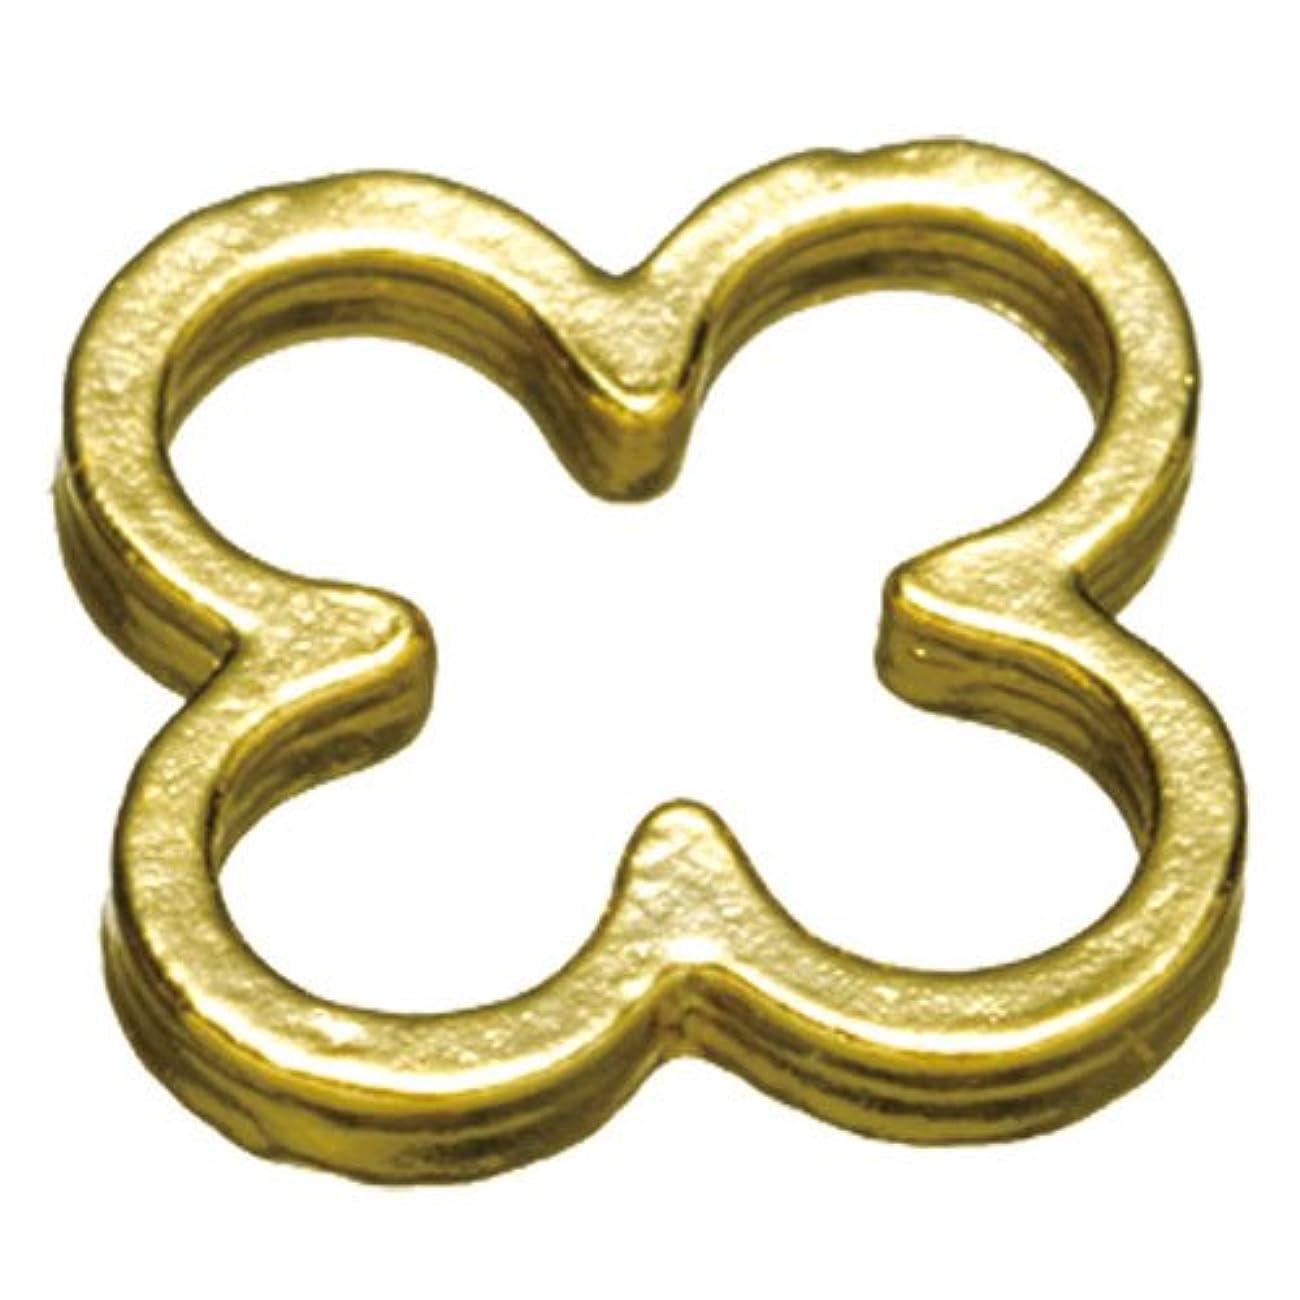 力秘密の博物館プリティーネイル ネイルアートパーツ プレーンフラワーL ゴールド  10個